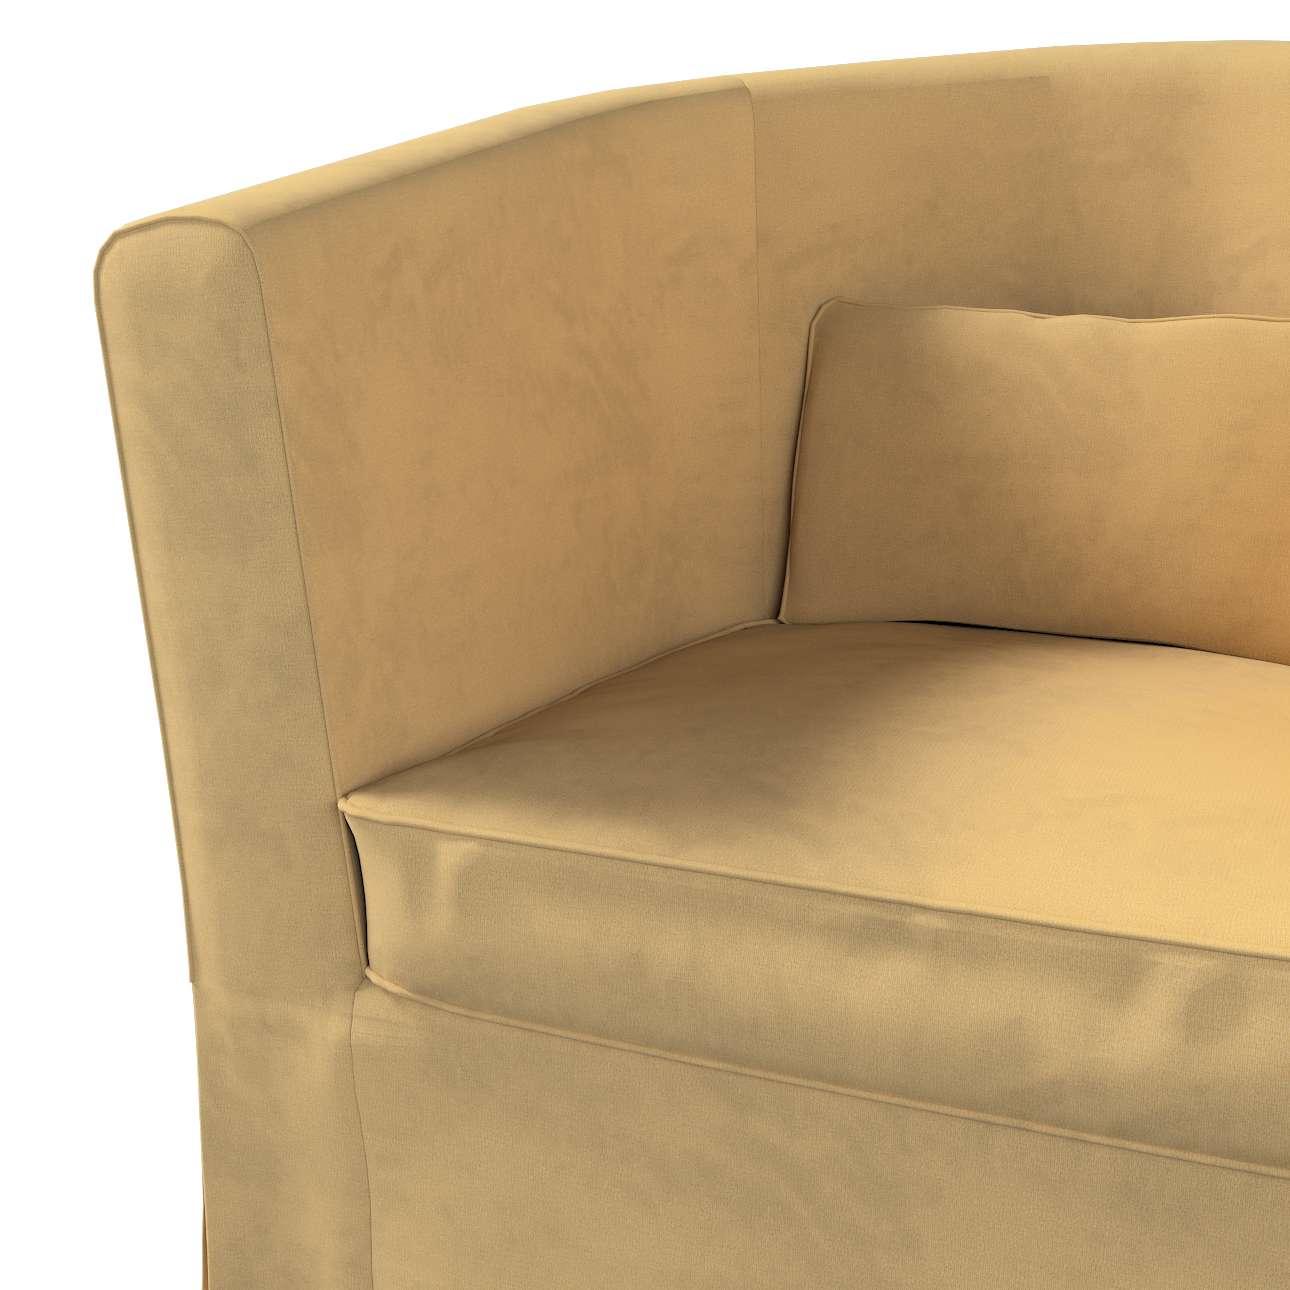 Bezug für Ektorp Tullsta Sessel von der Kollektion Living II, Stoff: 160-93